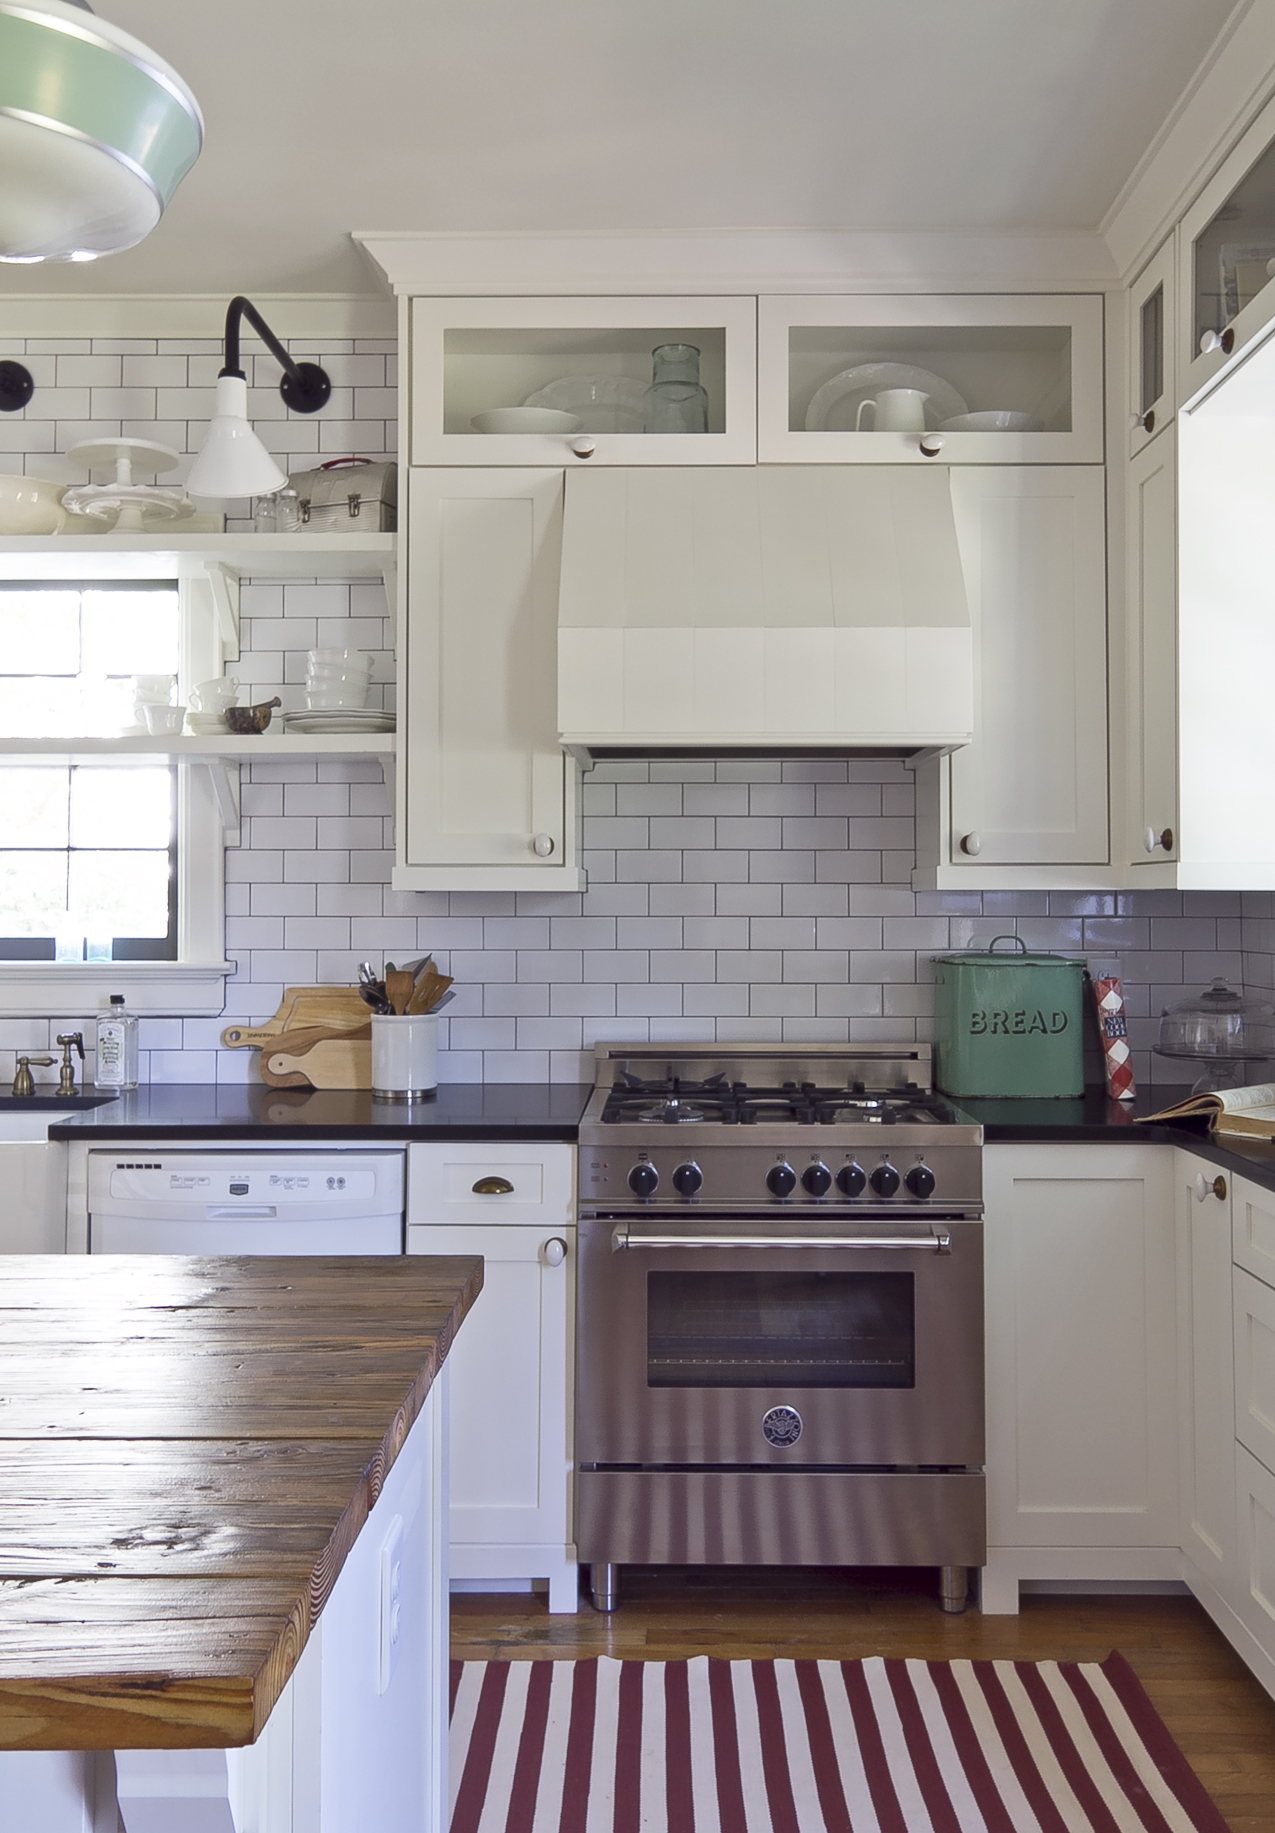 decatur kitchen 8.jpg